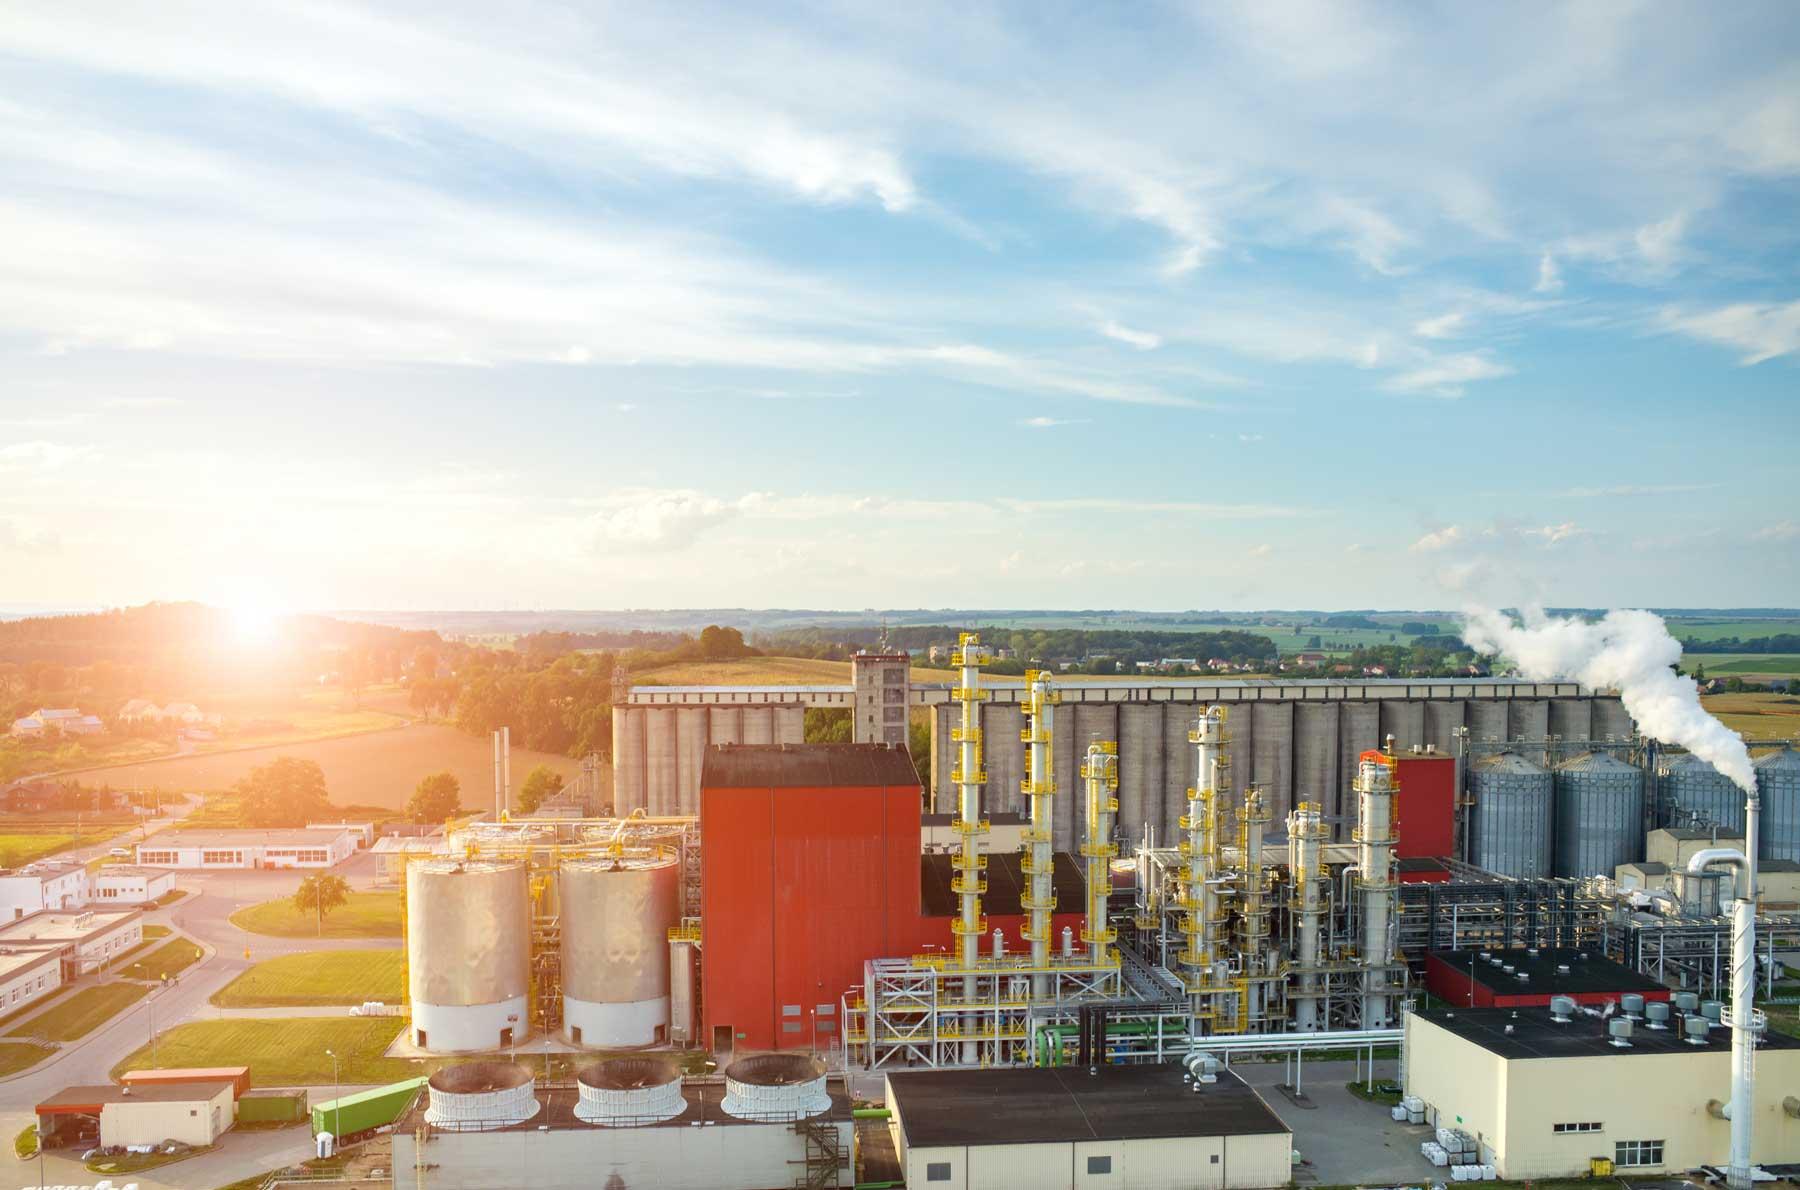 https://campaign-image.com/zohocampaigns/396325000003855004_zc_v42_biofuel_factory_.jpg